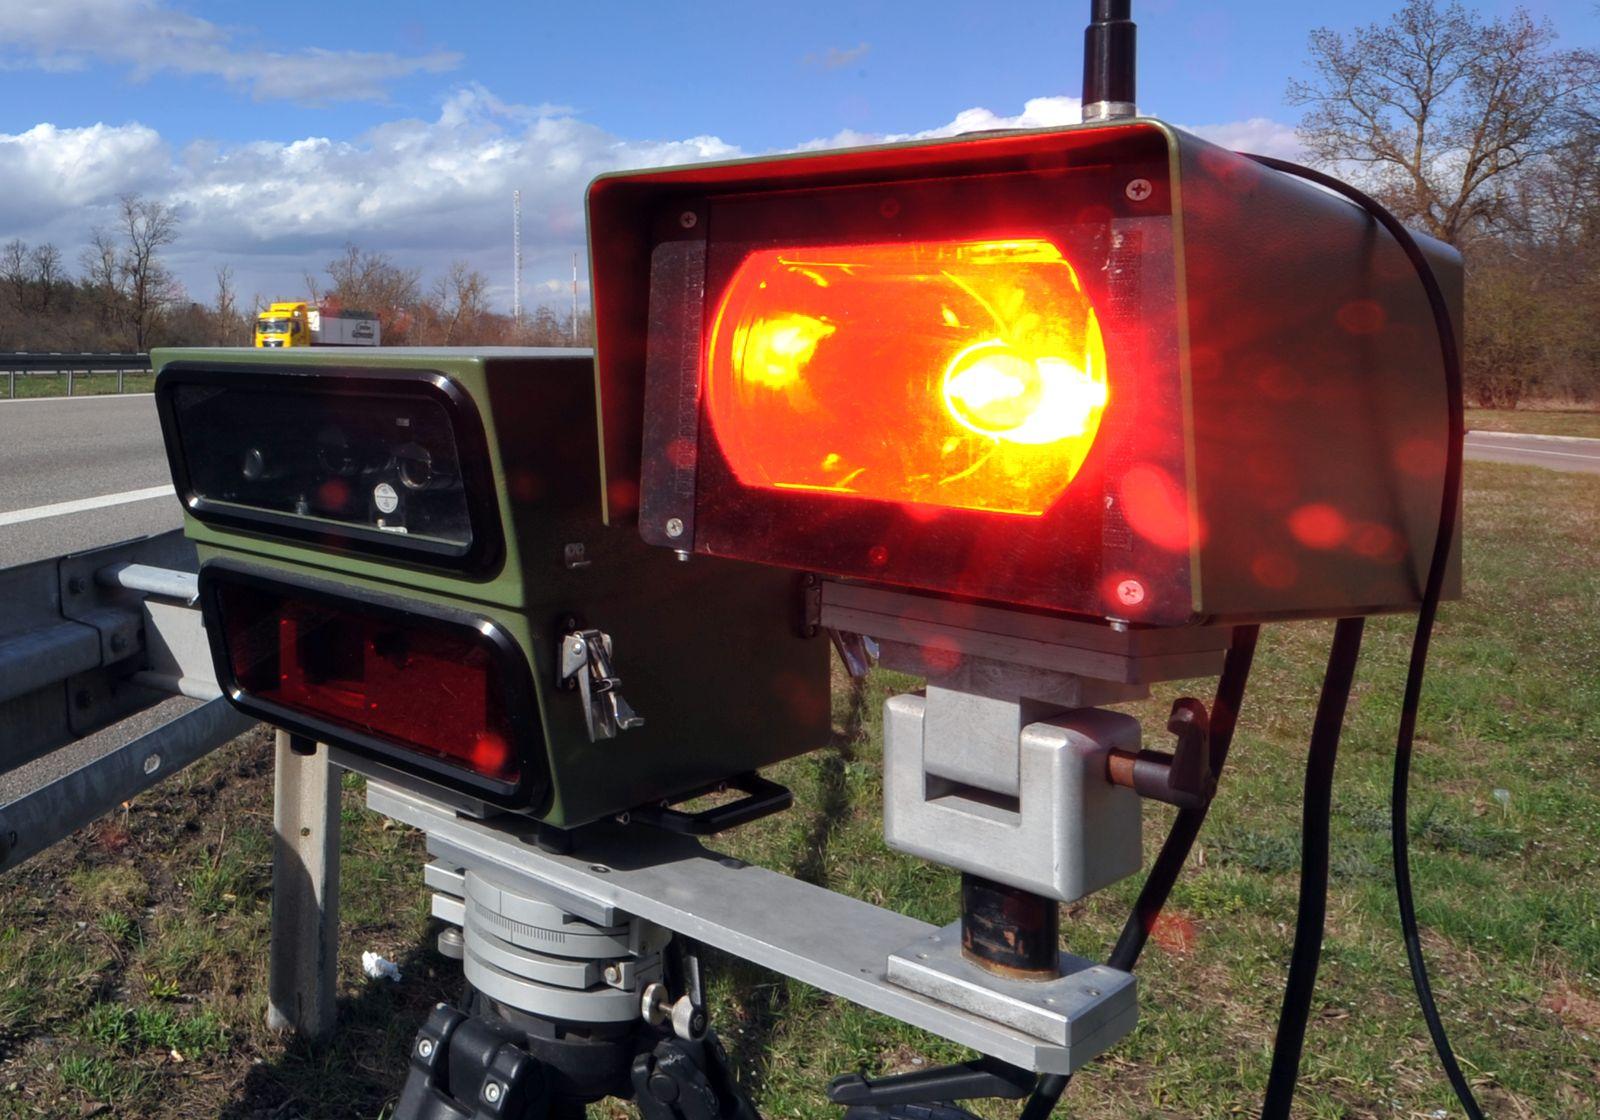 Radarfalle / Lasergeschwindigkeitsmessgerät